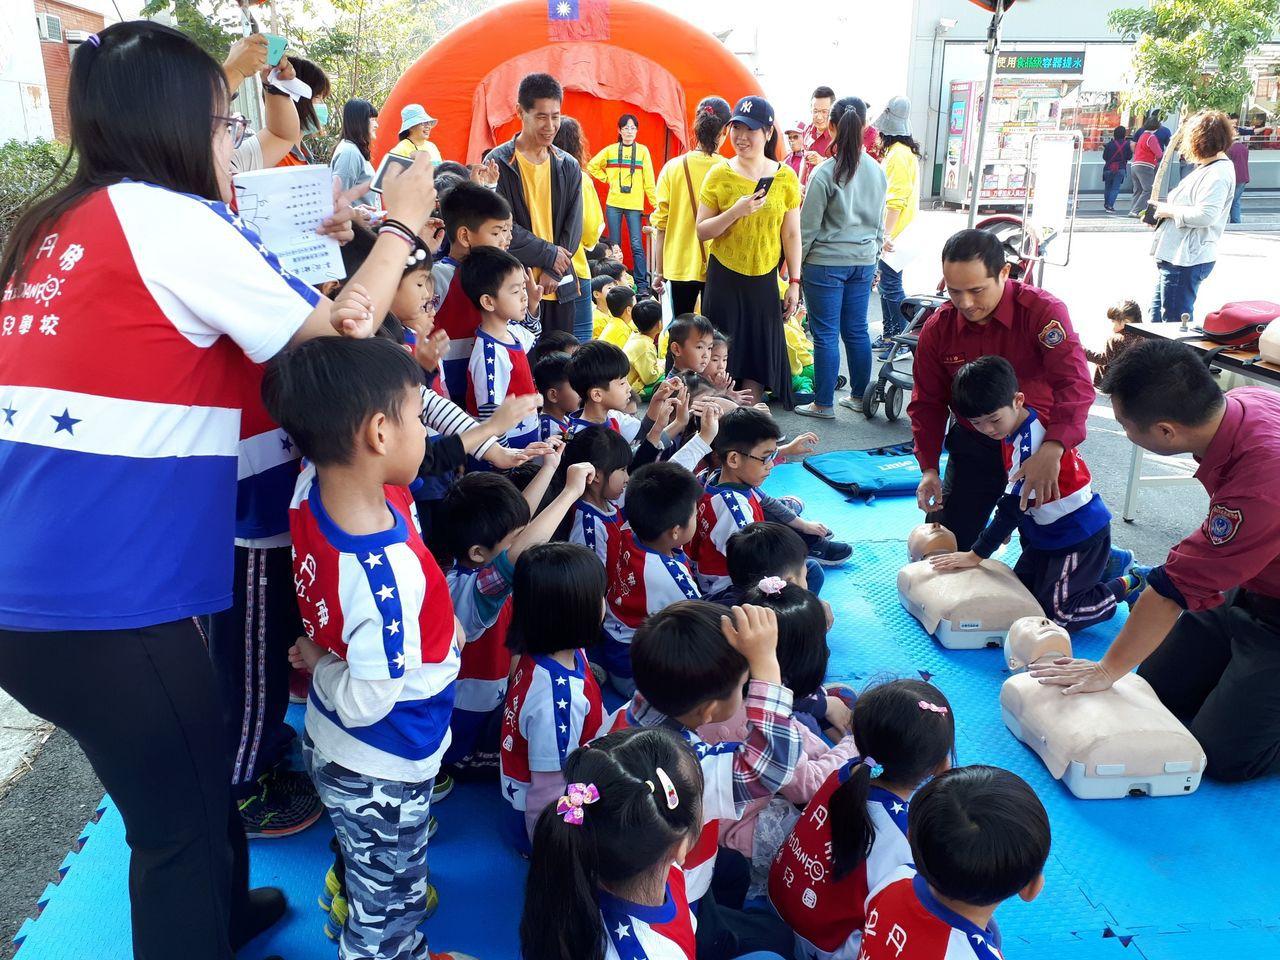 消防隊員示範各種緊急救災,小朋友專注聆聽。圖/台南市消防局提供